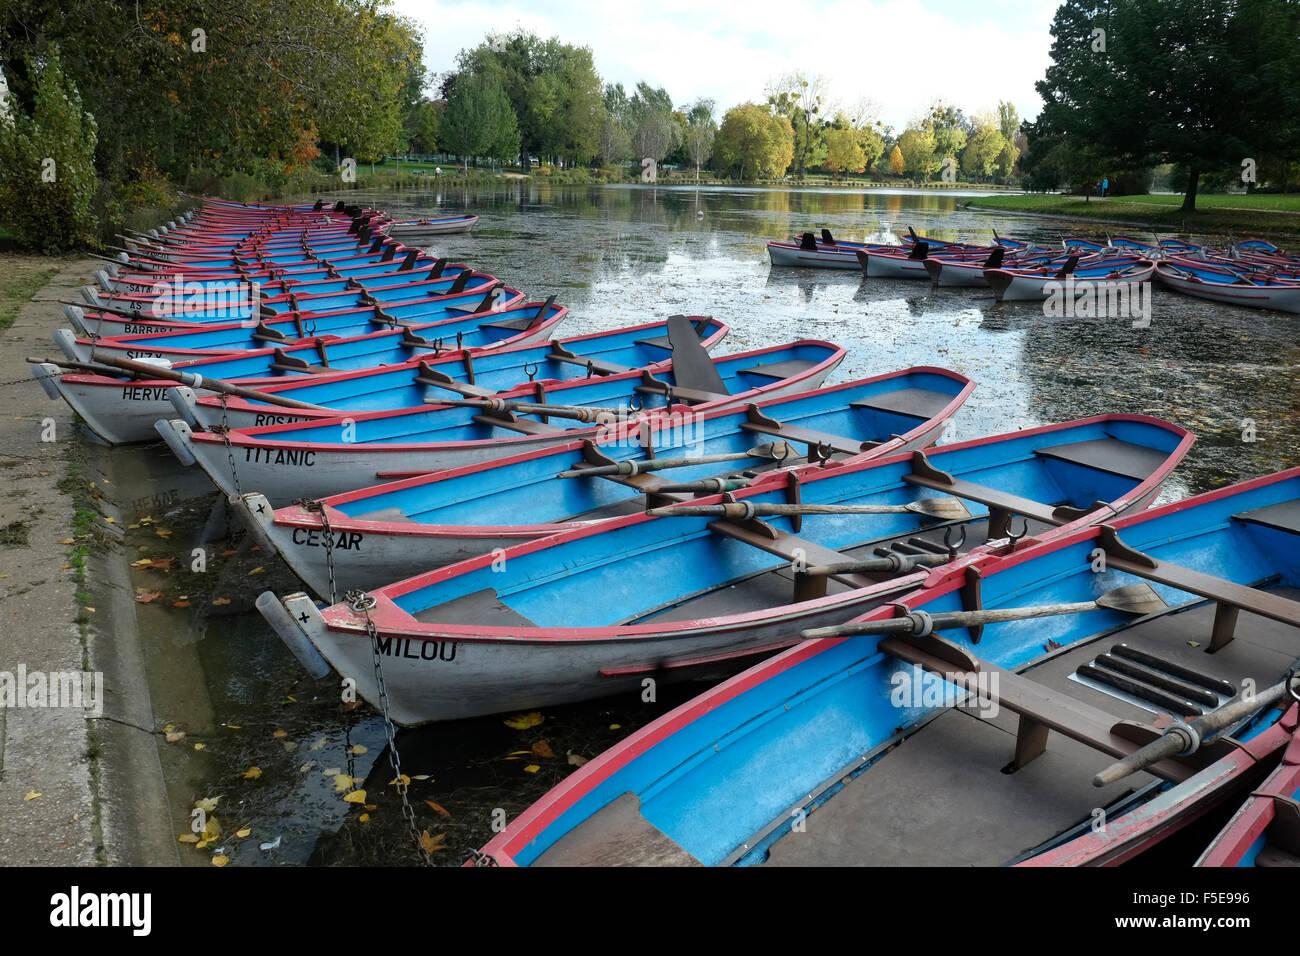 Bateaux à rames en bois de Vincennes, Paris, France, Europe Photo Stock